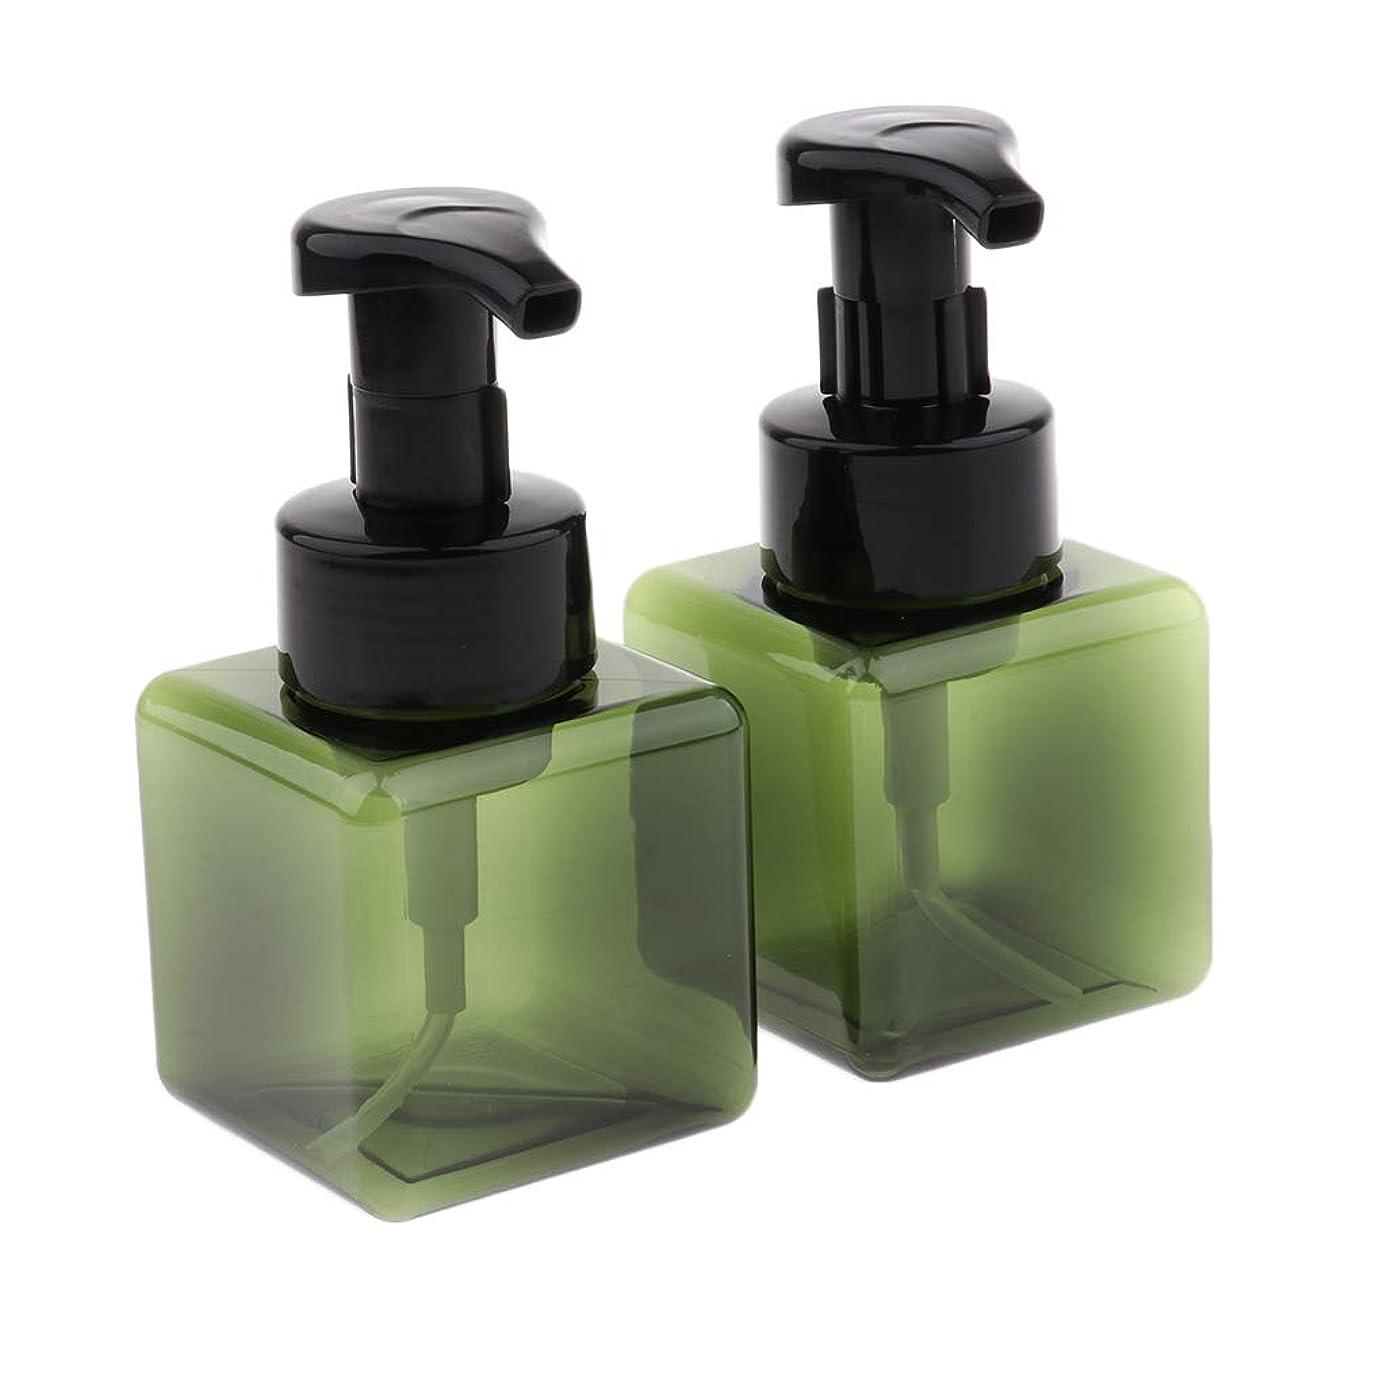 哲学者中央値率直なD DOLITY 泡ポンプボトル 空ボトル 小分けボトル ディスペンサー 詰替ボトル 250ml 2個 全6色 - 濃い緑色